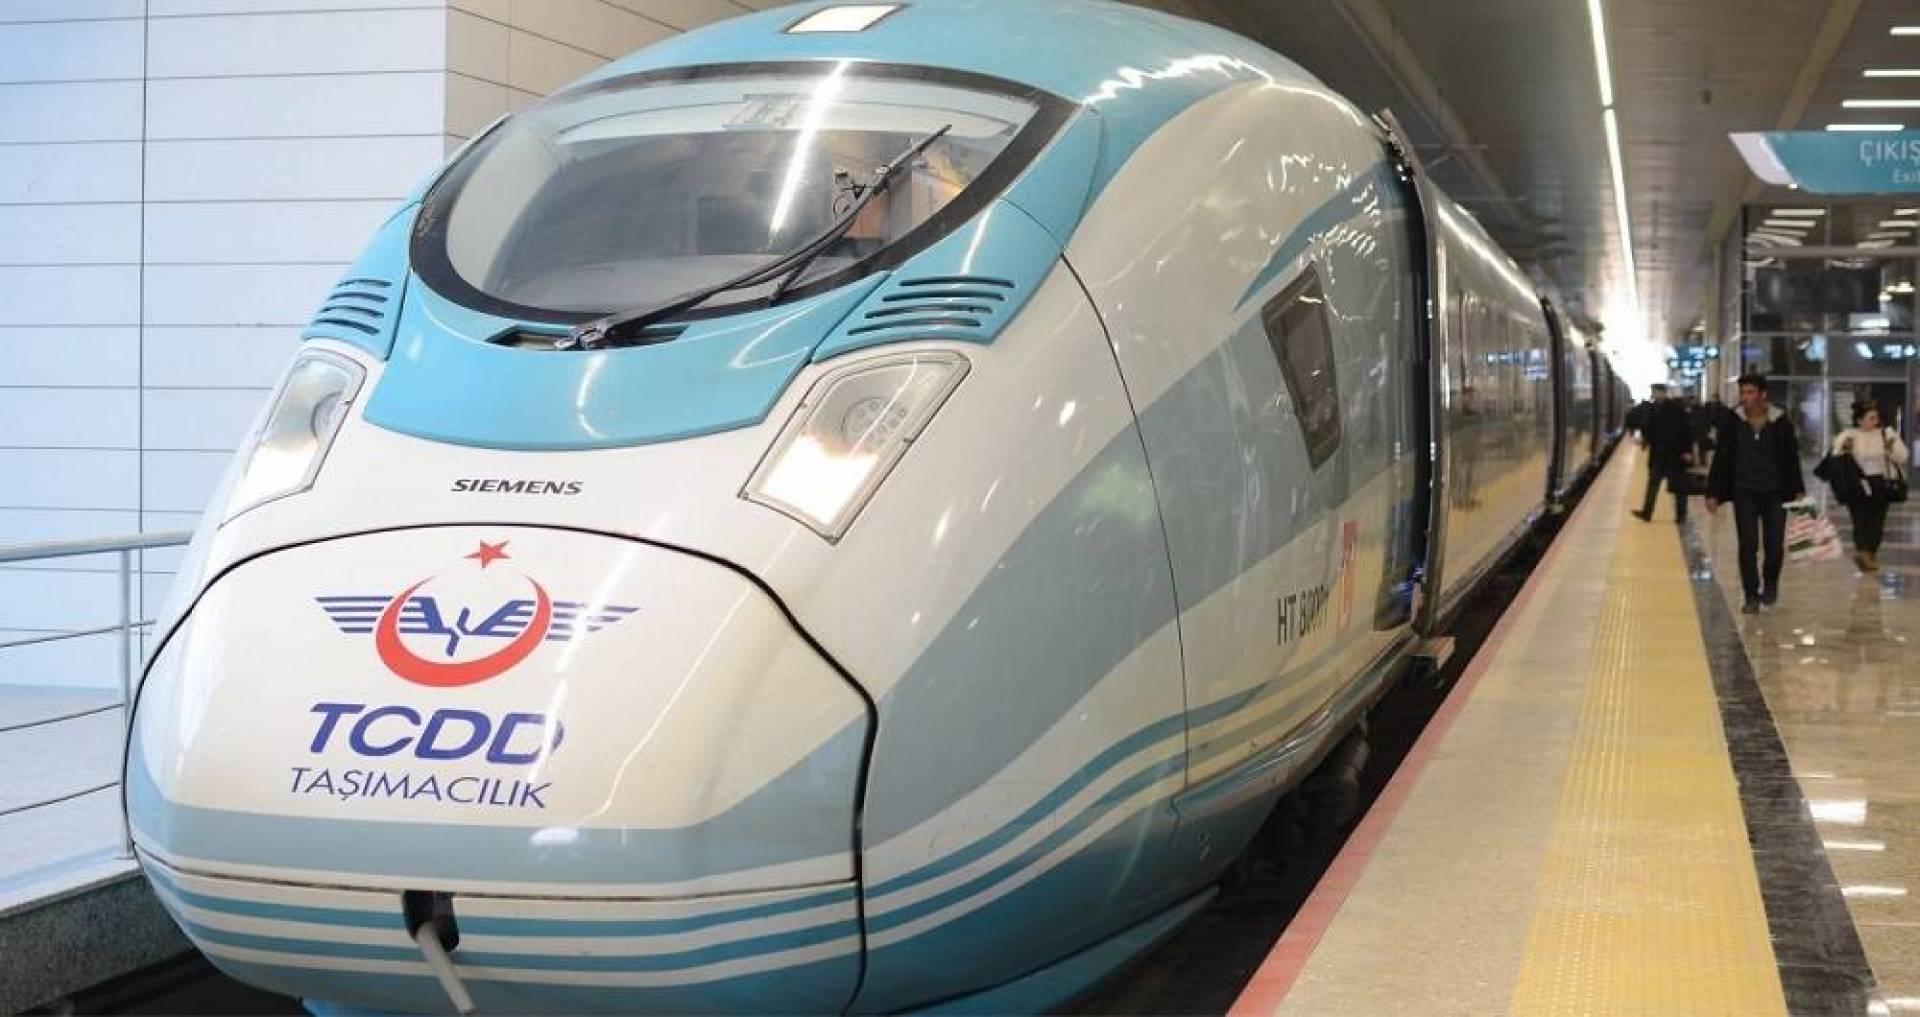 تركيا تعيد تشغيل القطارات الخميس المقبل إثر تخفيف إجراءات كورونا